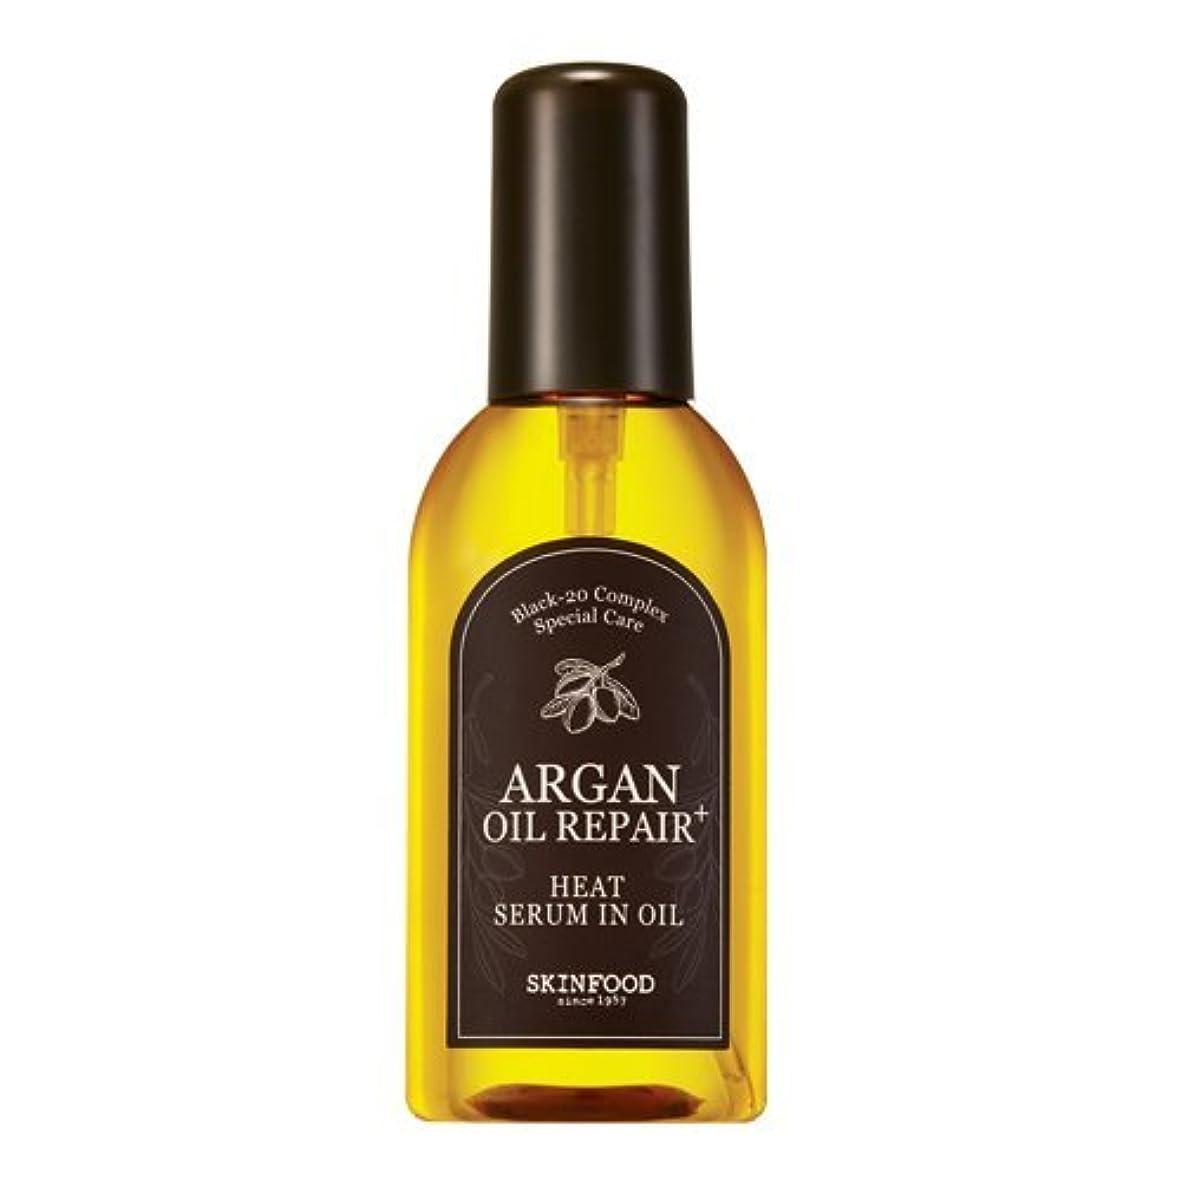 敬反毒虐殺[1+1]SKINFOOD Argan Oil Repair Plus Heat Serum in Oil 100ml*2/スキンフード アルガンオイル リペア プラス ヒート セラム イン オイル 100ml*2 [並行輸入品]